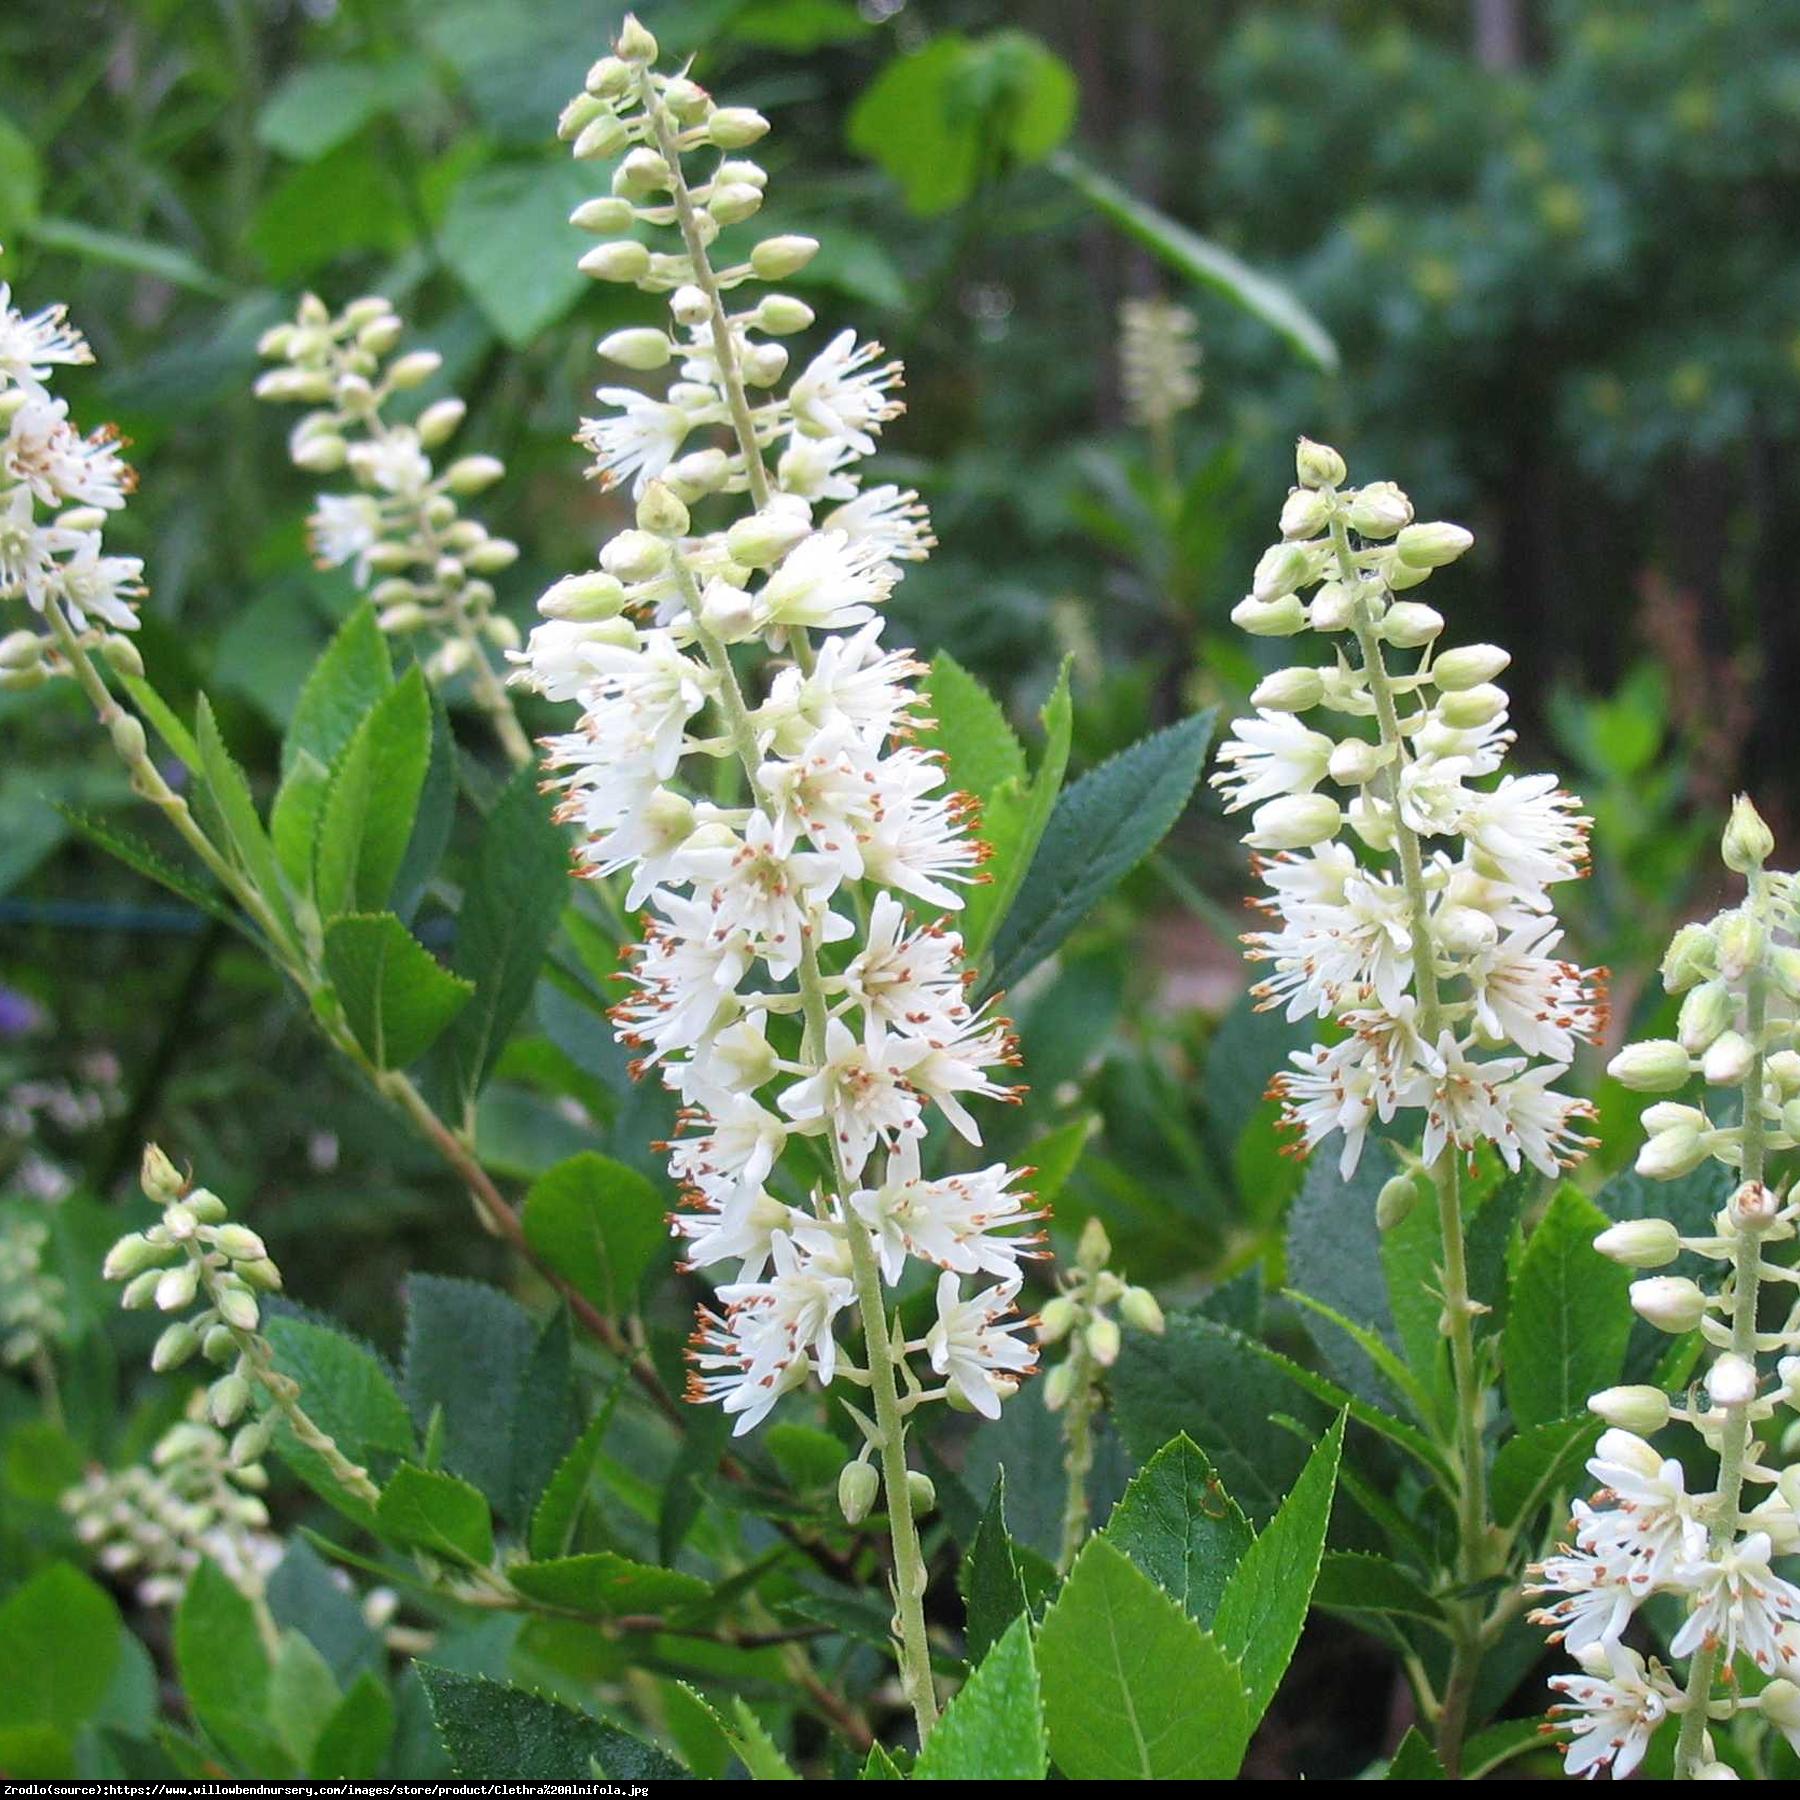 Orszelina Biała - Clethra alnifolia